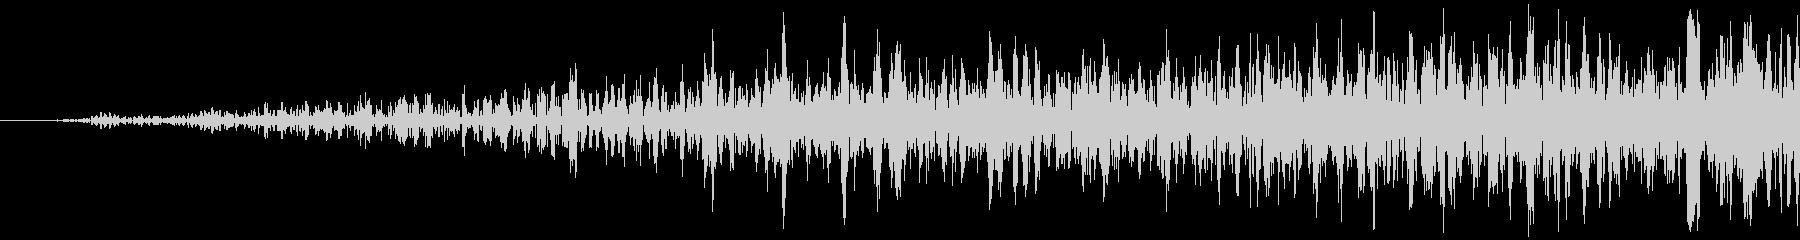 シューッという音EC07_87_2の未再生の波形